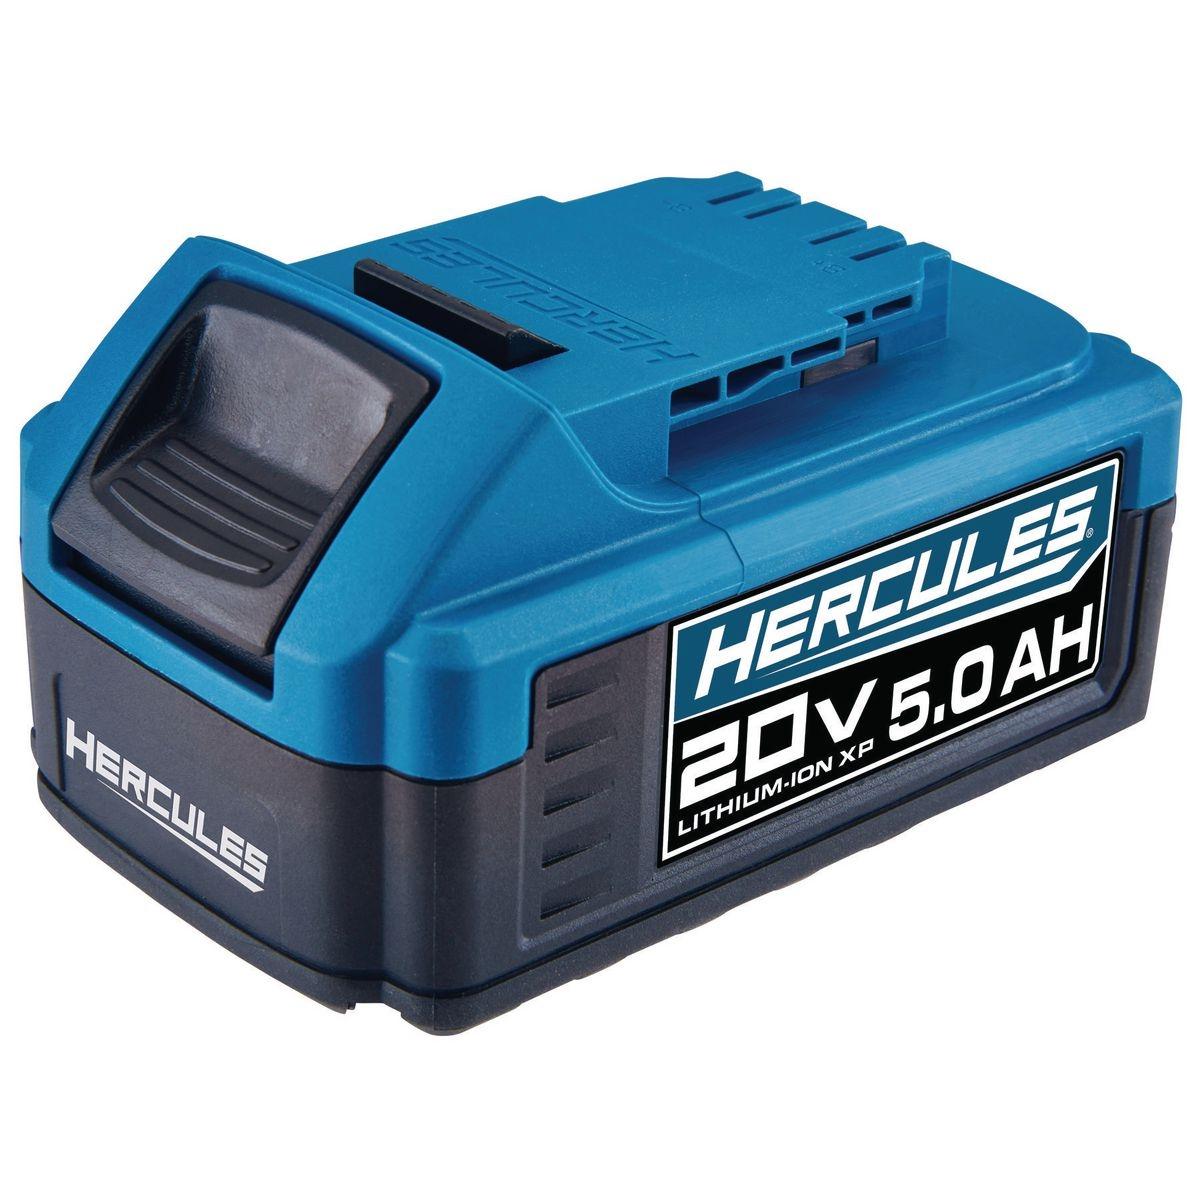 20v 5 0 Ah Hercules Xp Battery